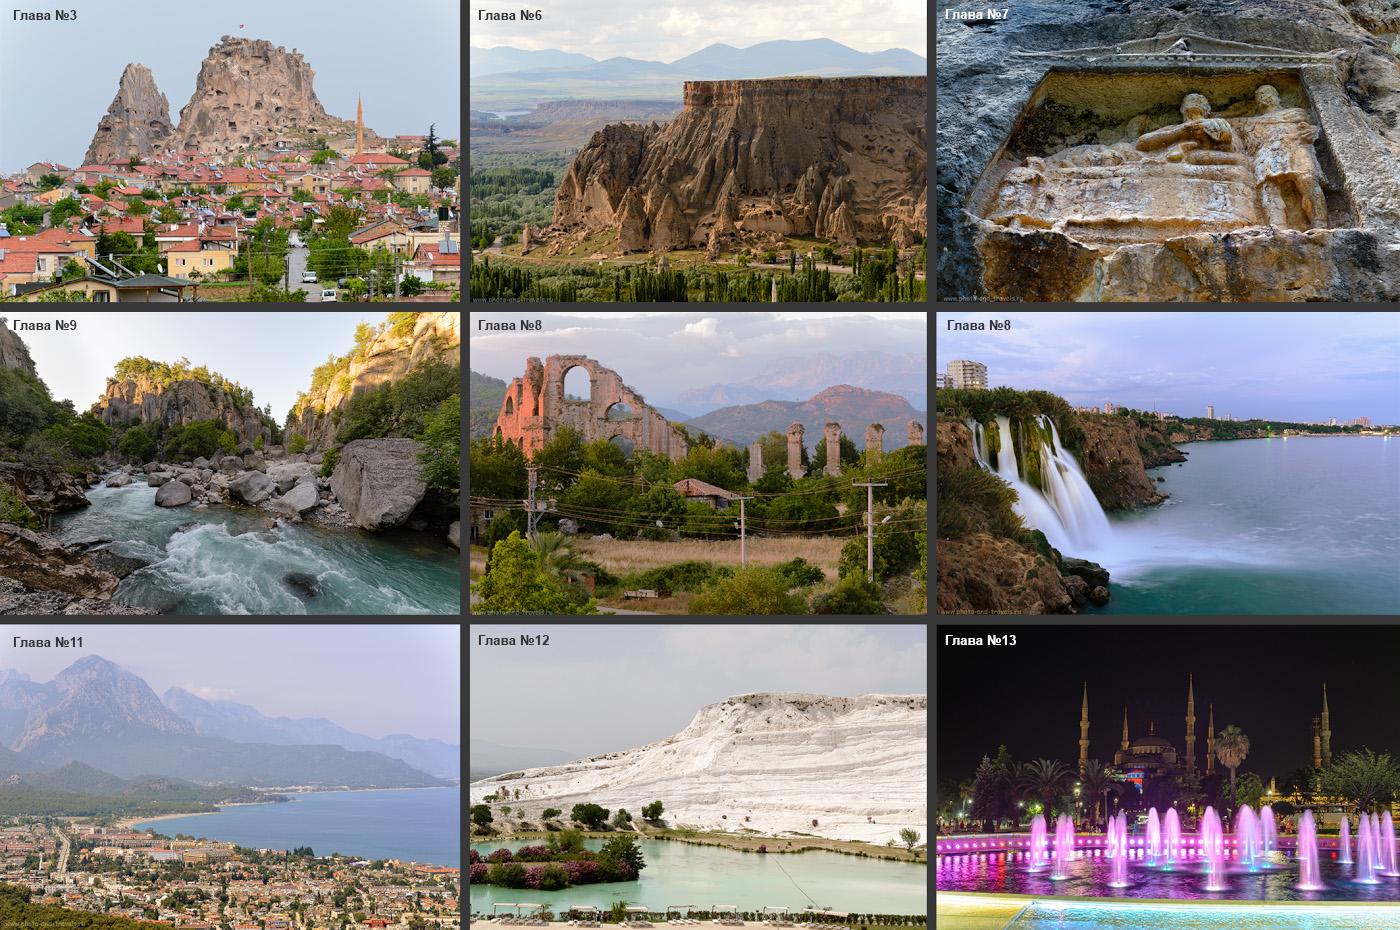 Какие достопримечательности посмотреть в Турции? Их слишком много, чтобы перечислить в одном отчете. То, что вы видите на снимке, мы посетили весной 2016 года.